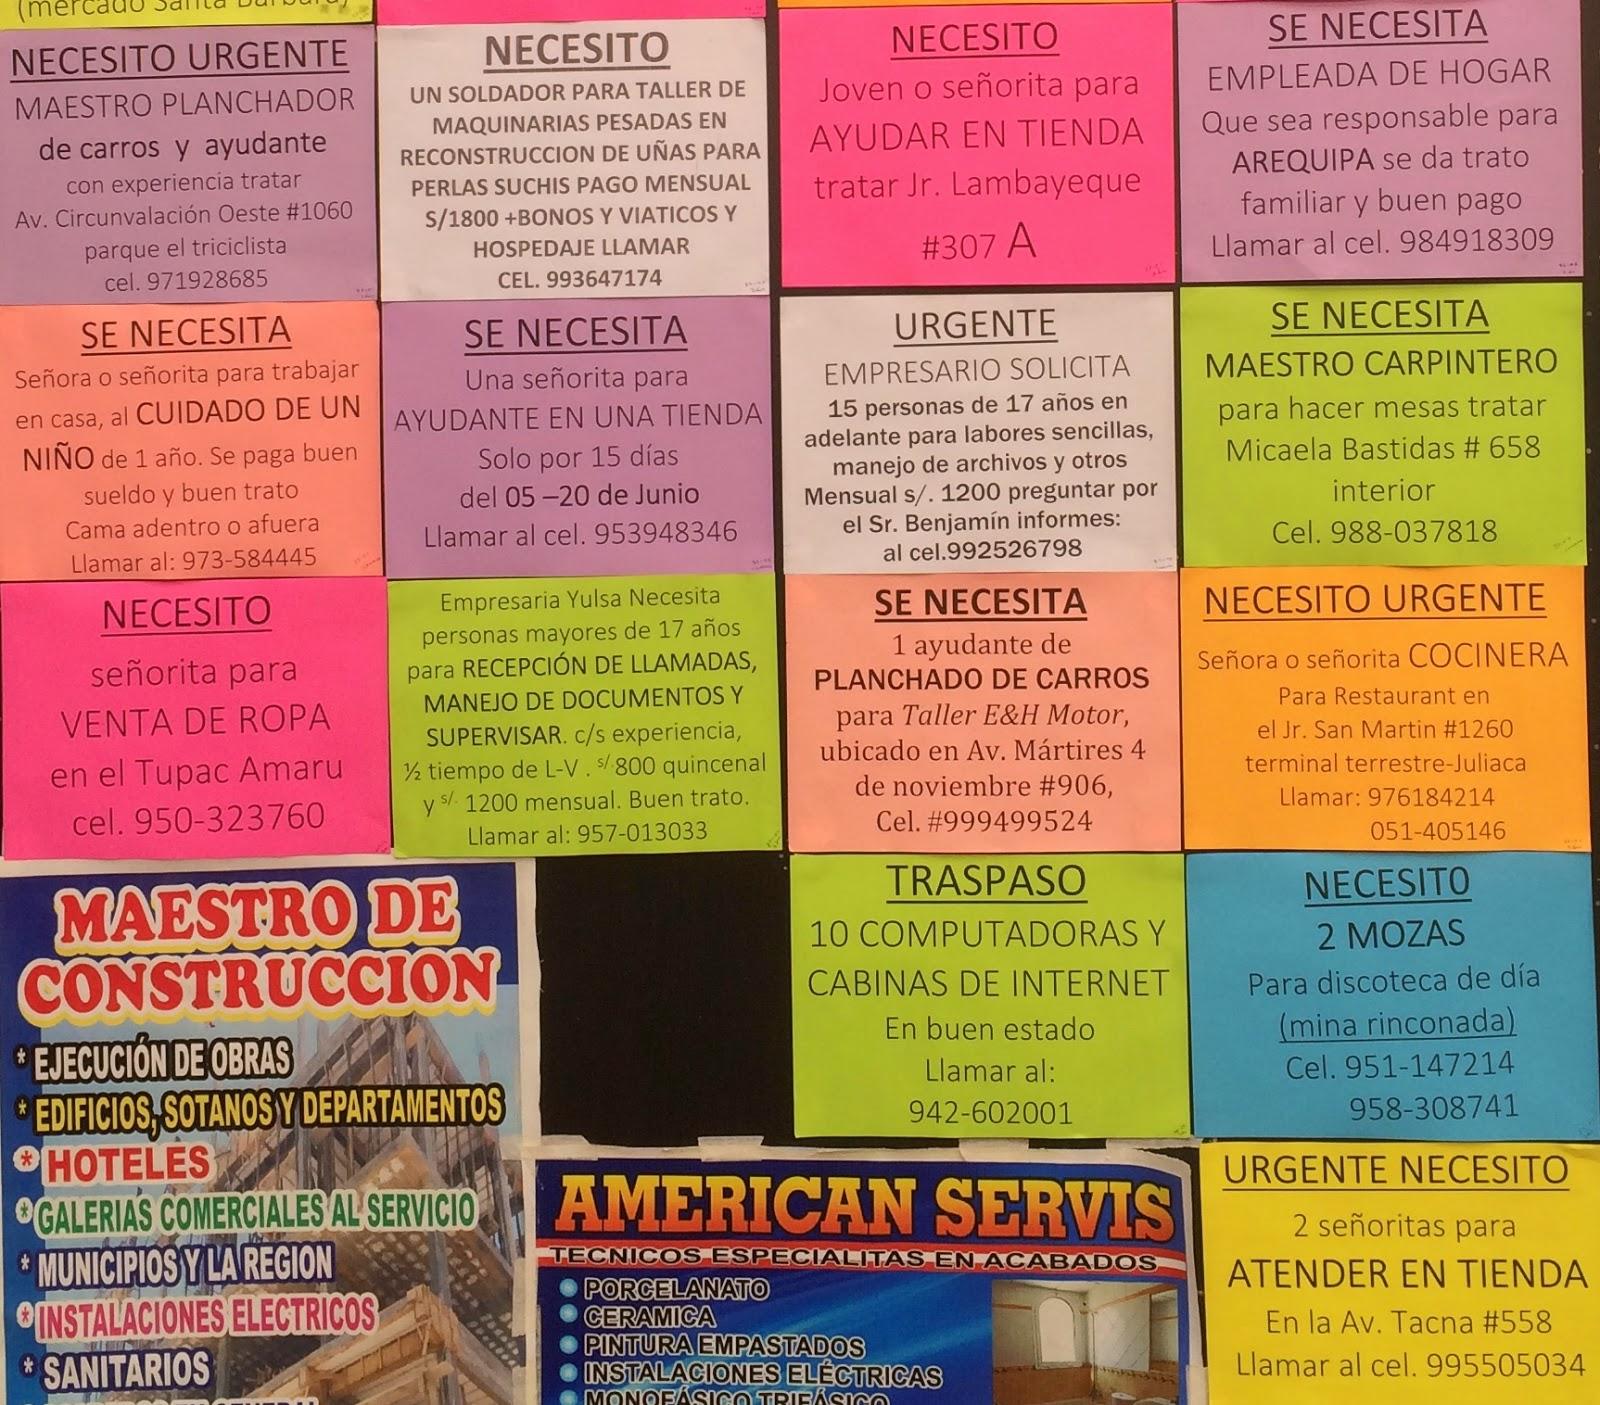 Busco trabajo juliaca avisos 29 de mayo - Busco trabajo de ayudante de cocina ...